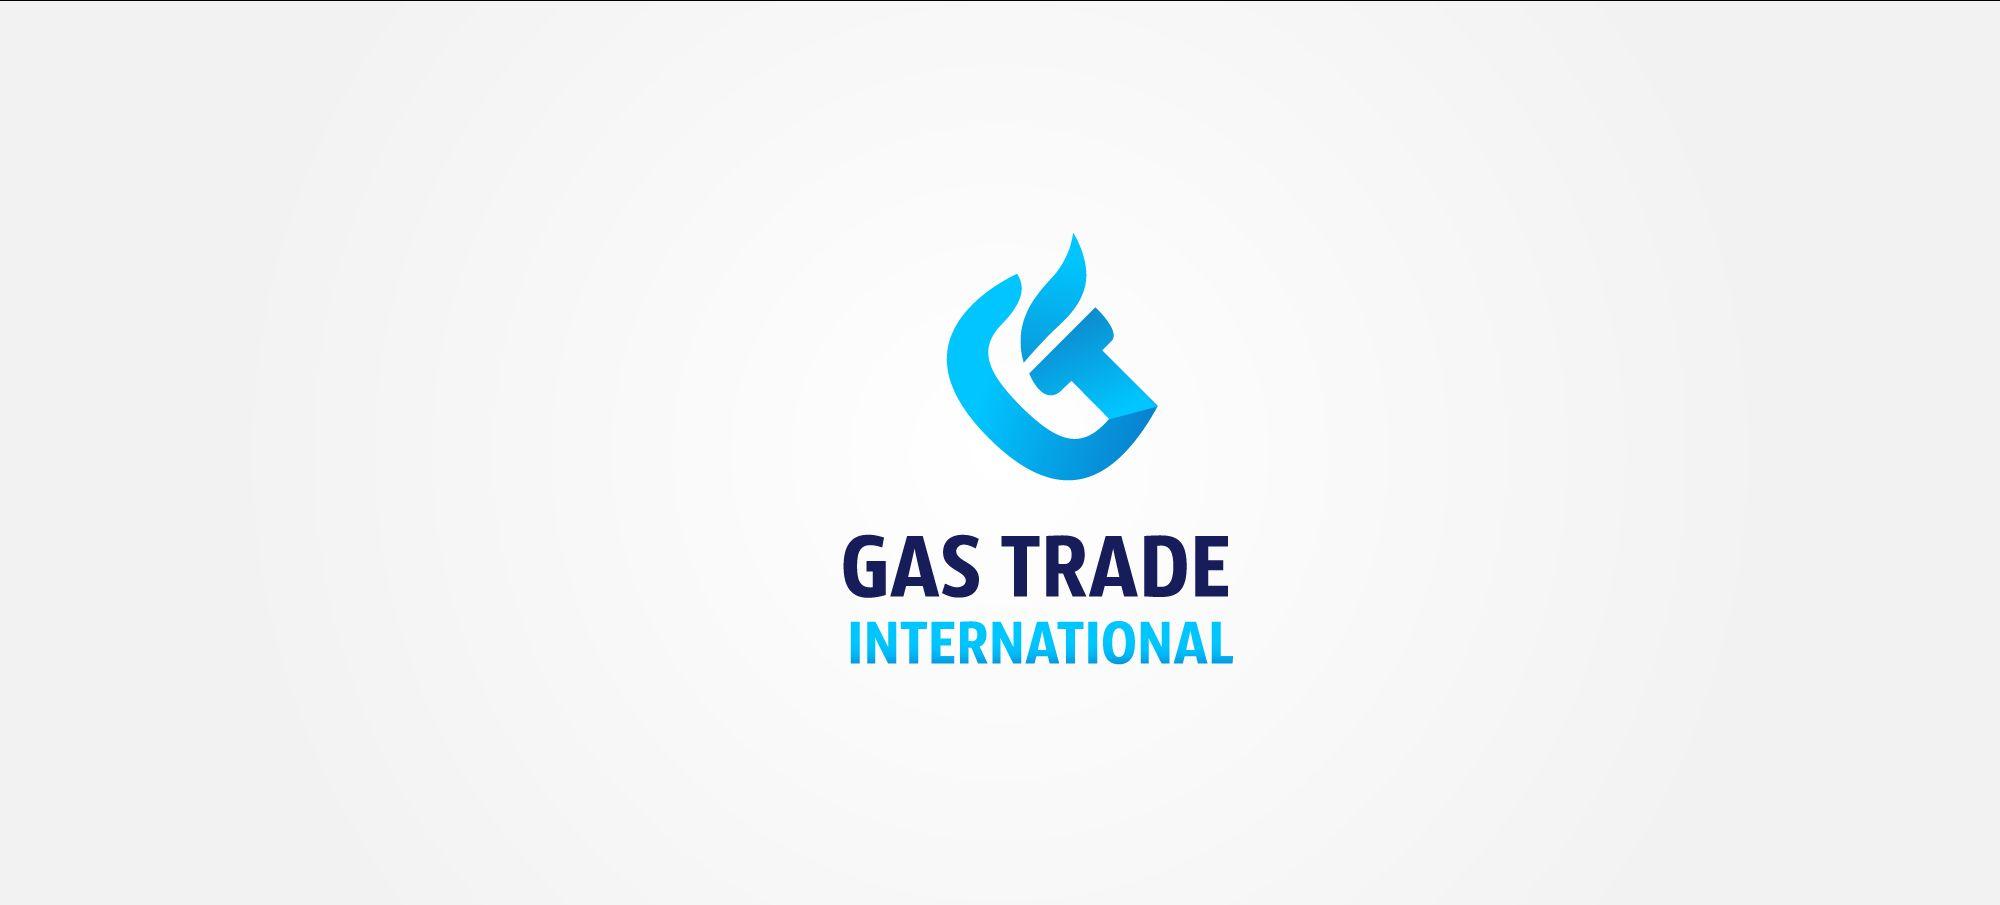 Компания торгующая природным газом - дизайнер e5en